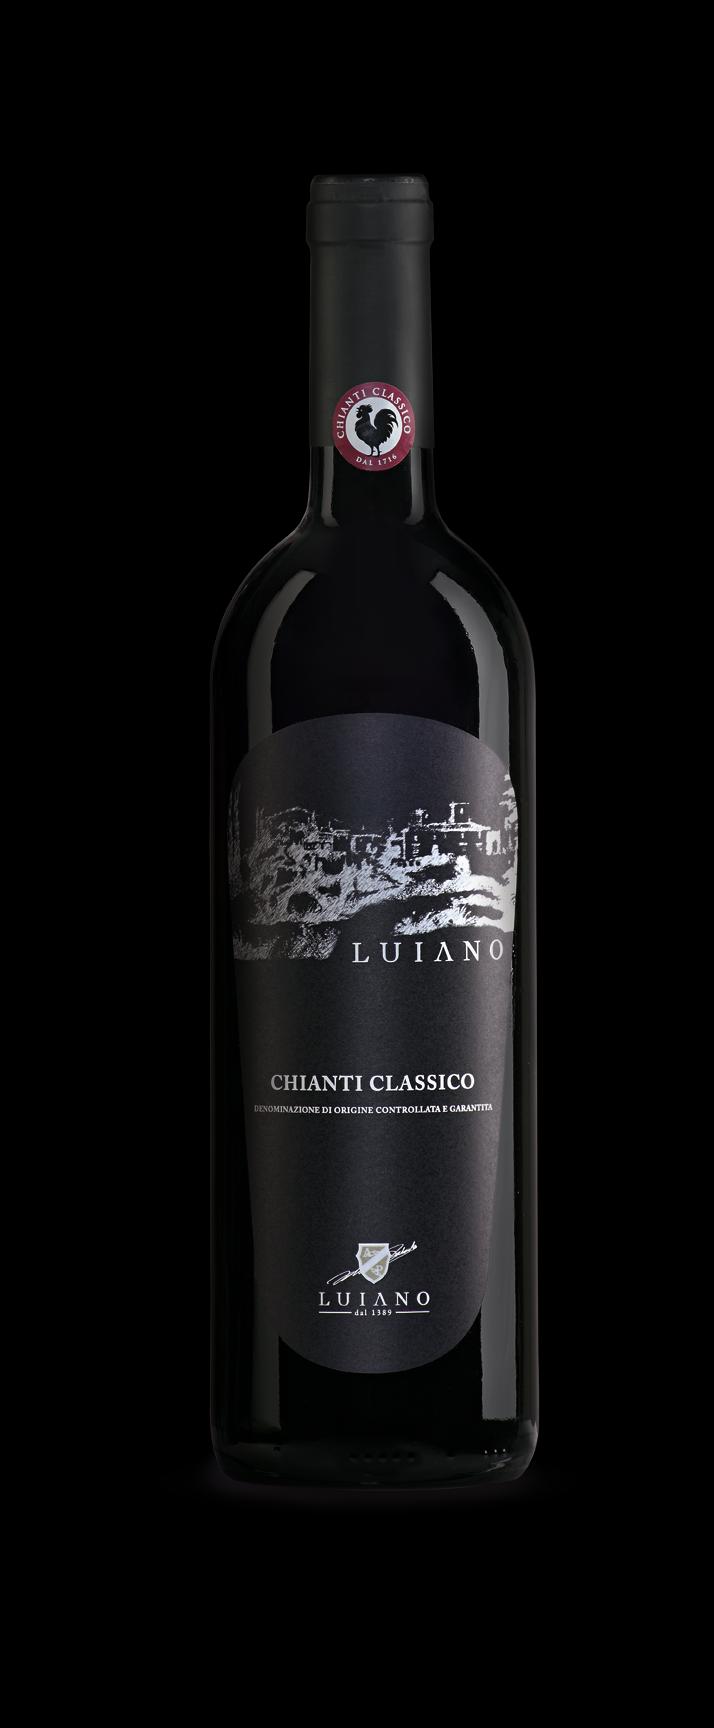 Luiano – Chianti Classico DOCG – Gallo Nero